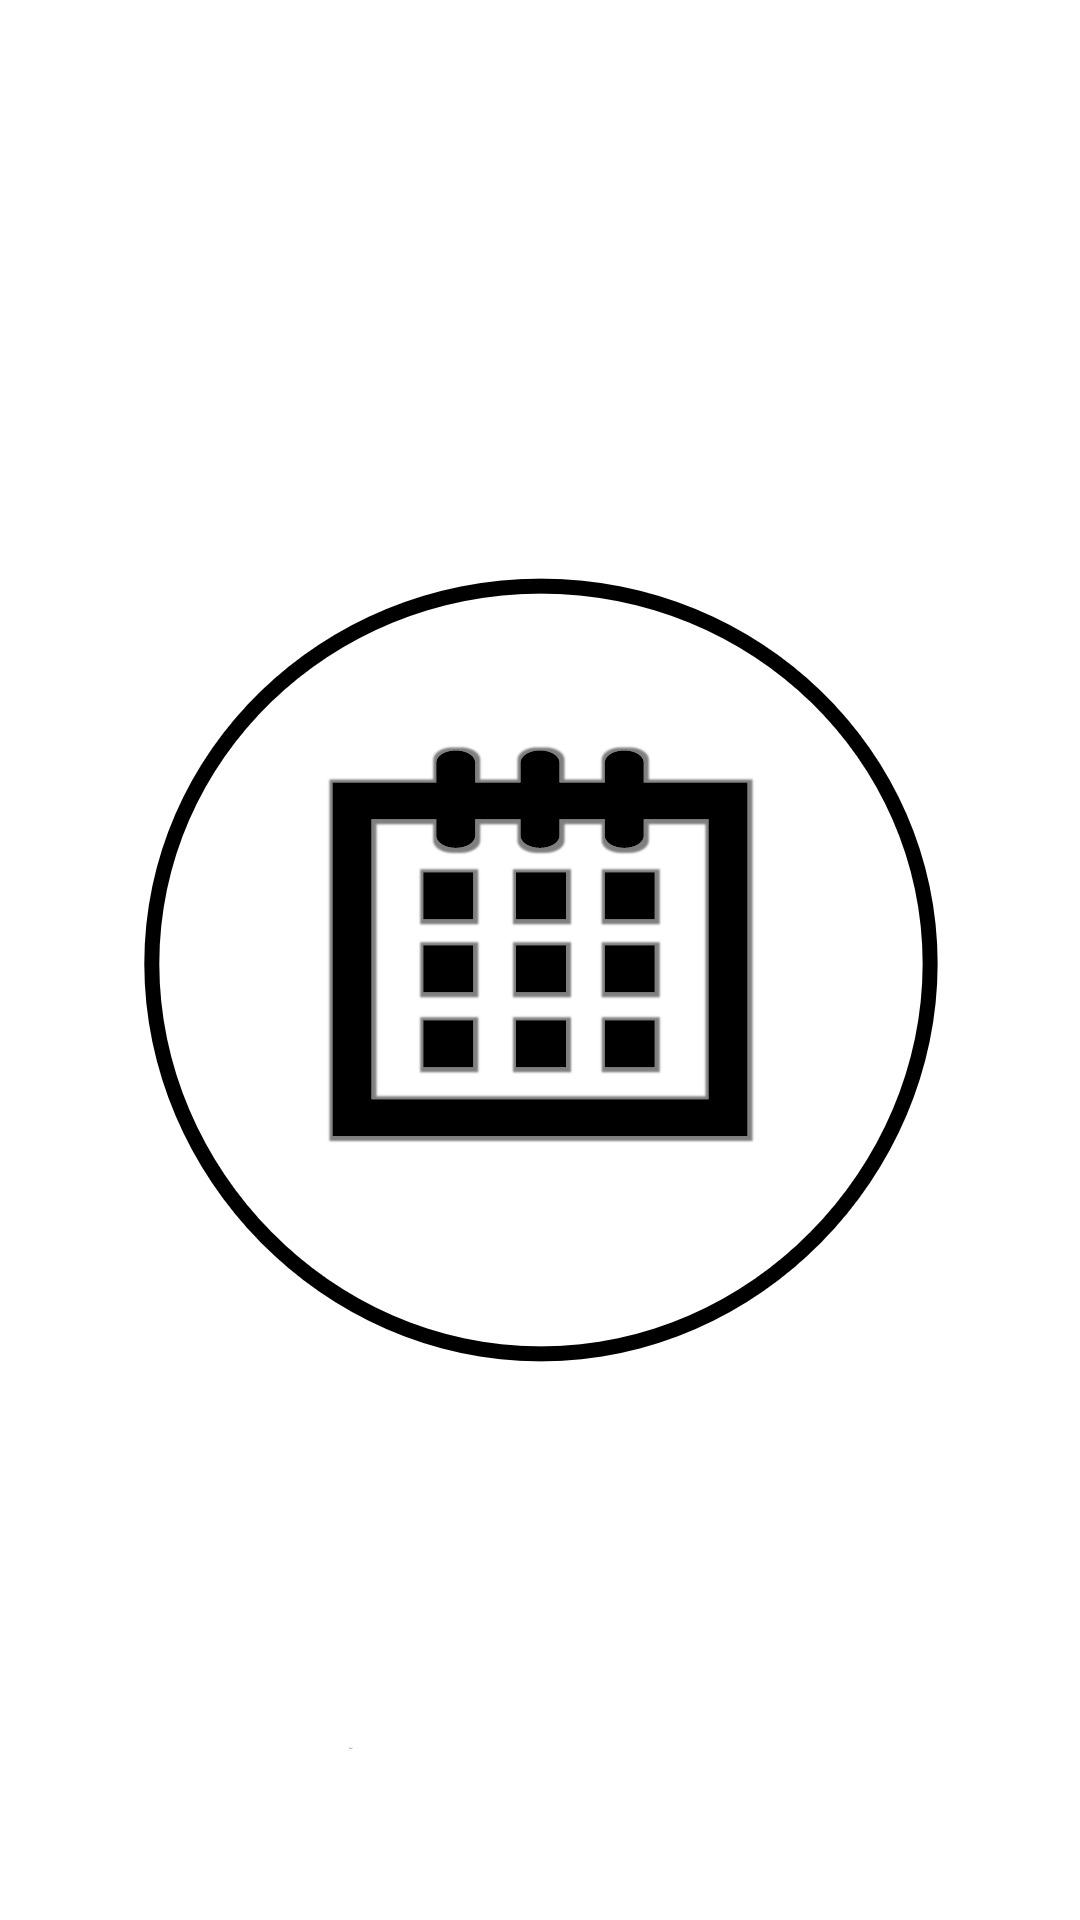 Lotnotes Web Design And Social Media